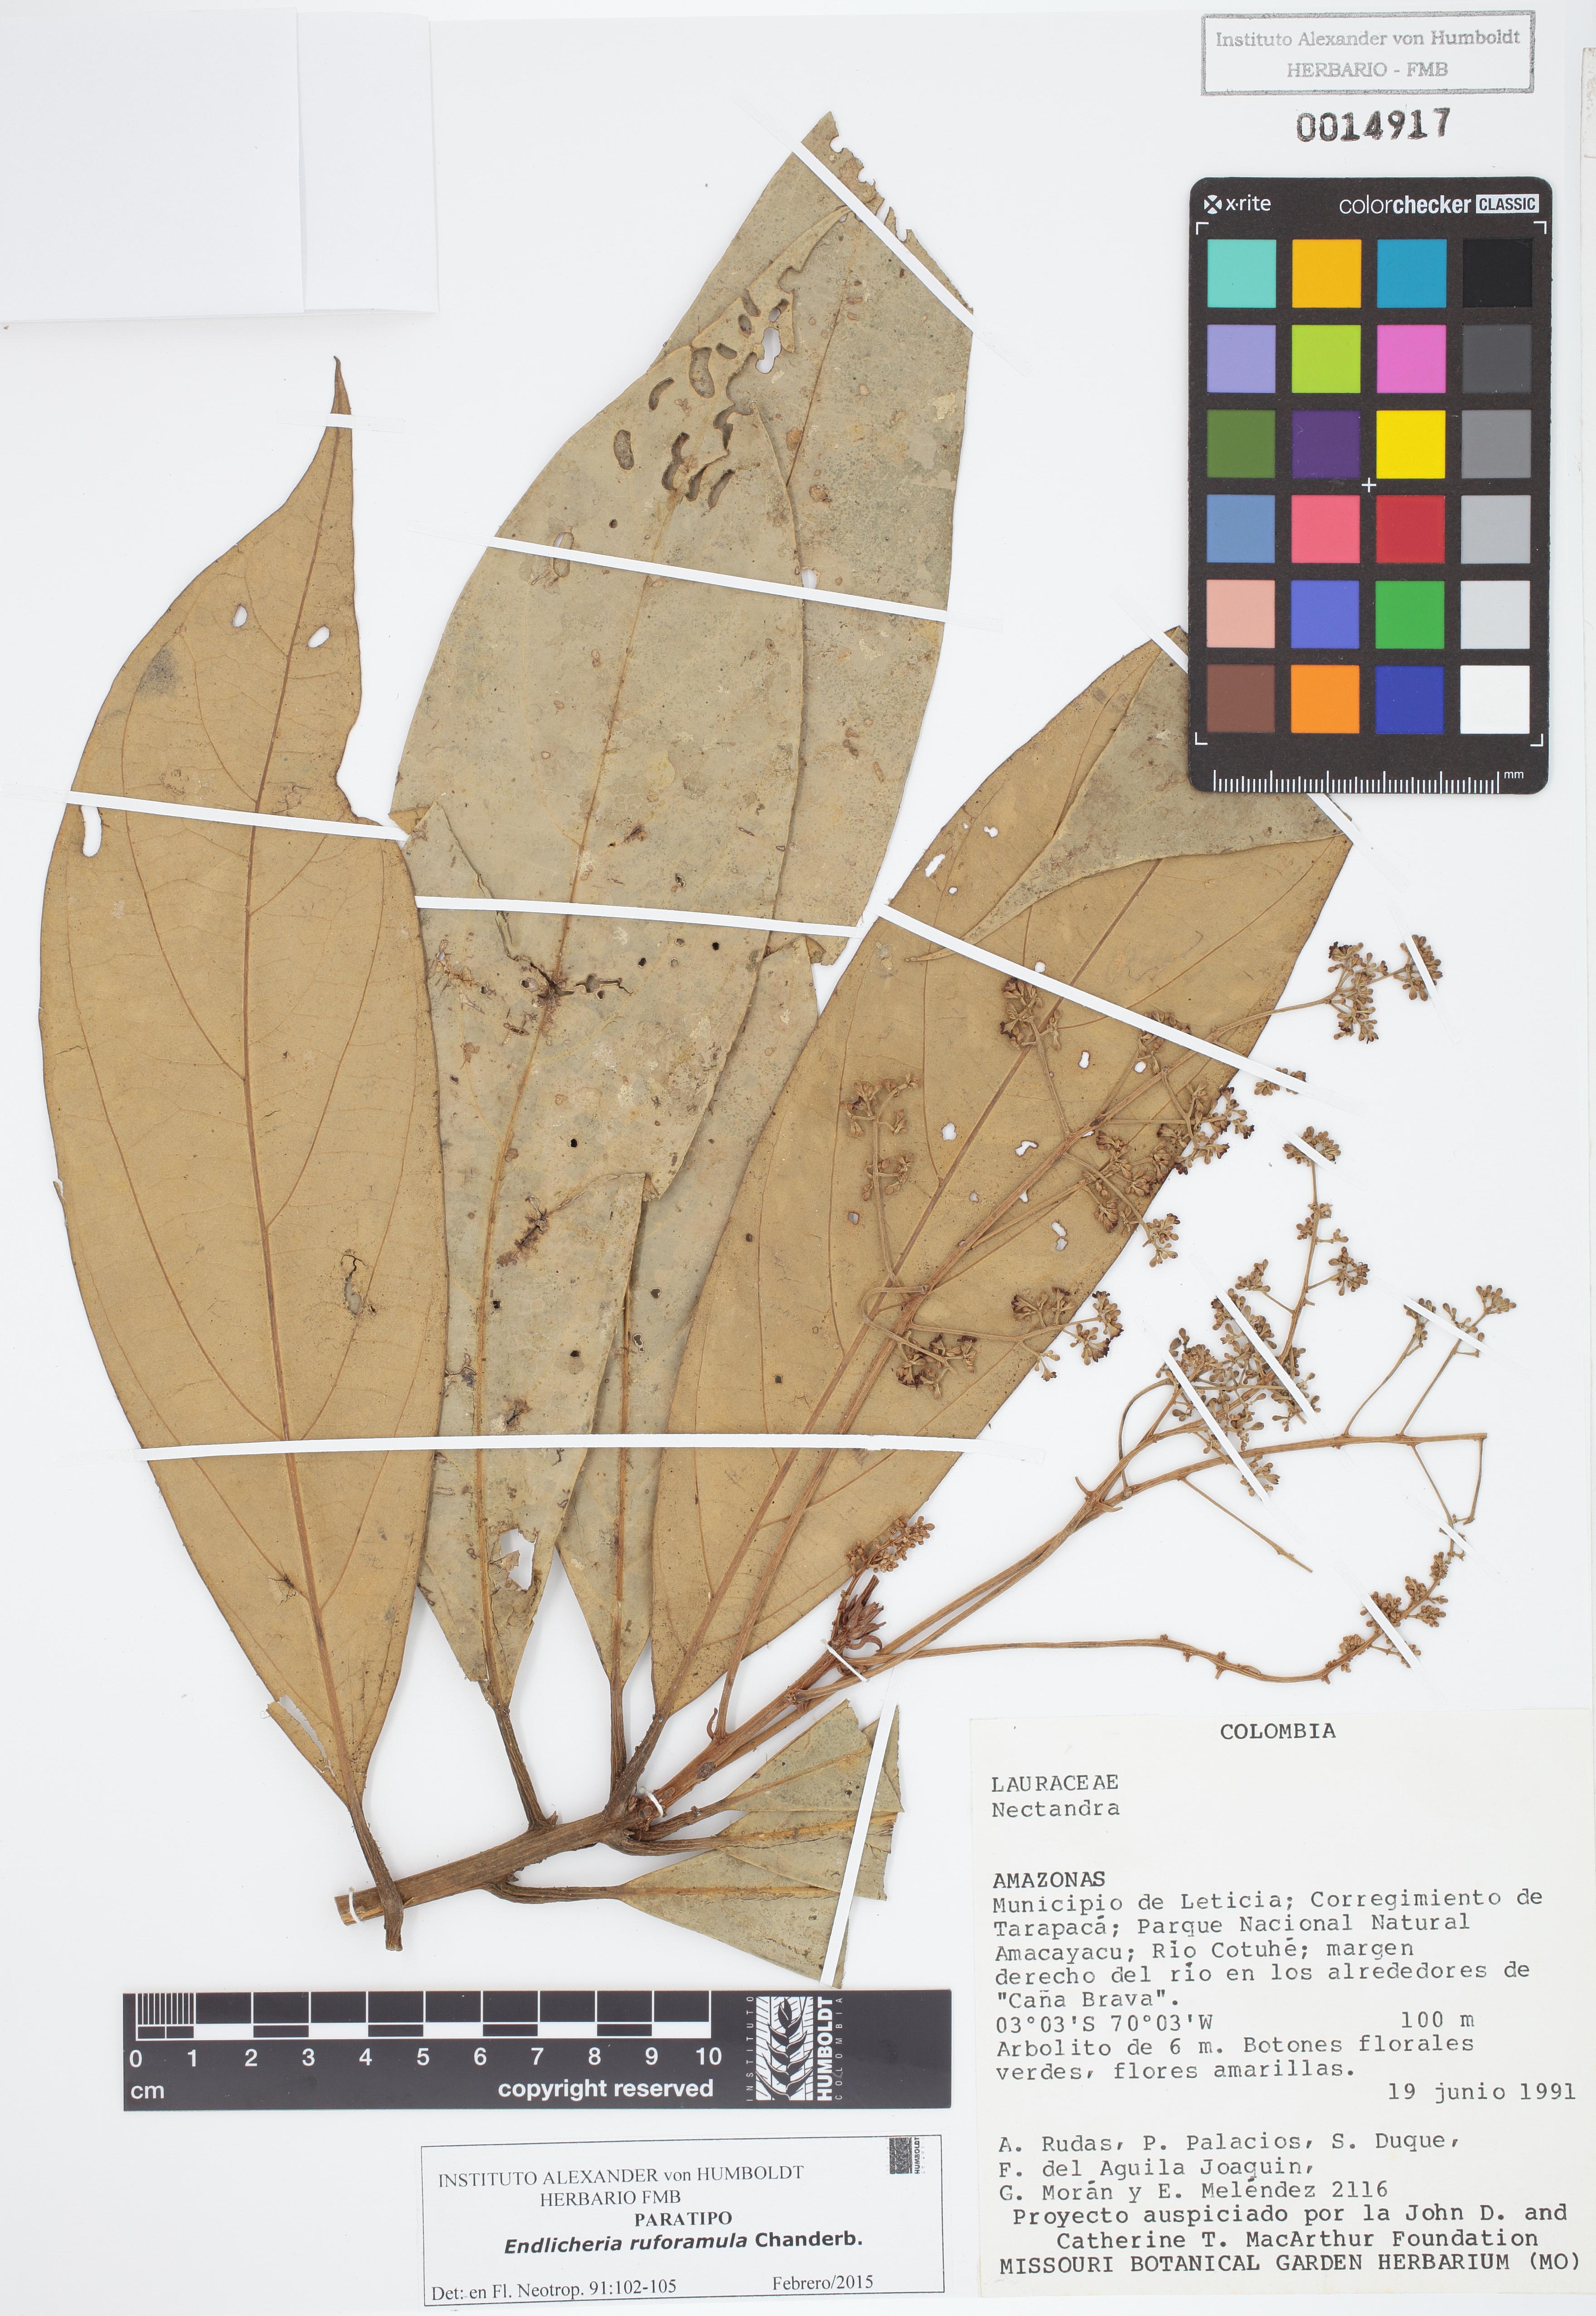 Paratipo de <em>Endlicheria ruforamula</em>, FMB-14917, Fotografía por Robles A.